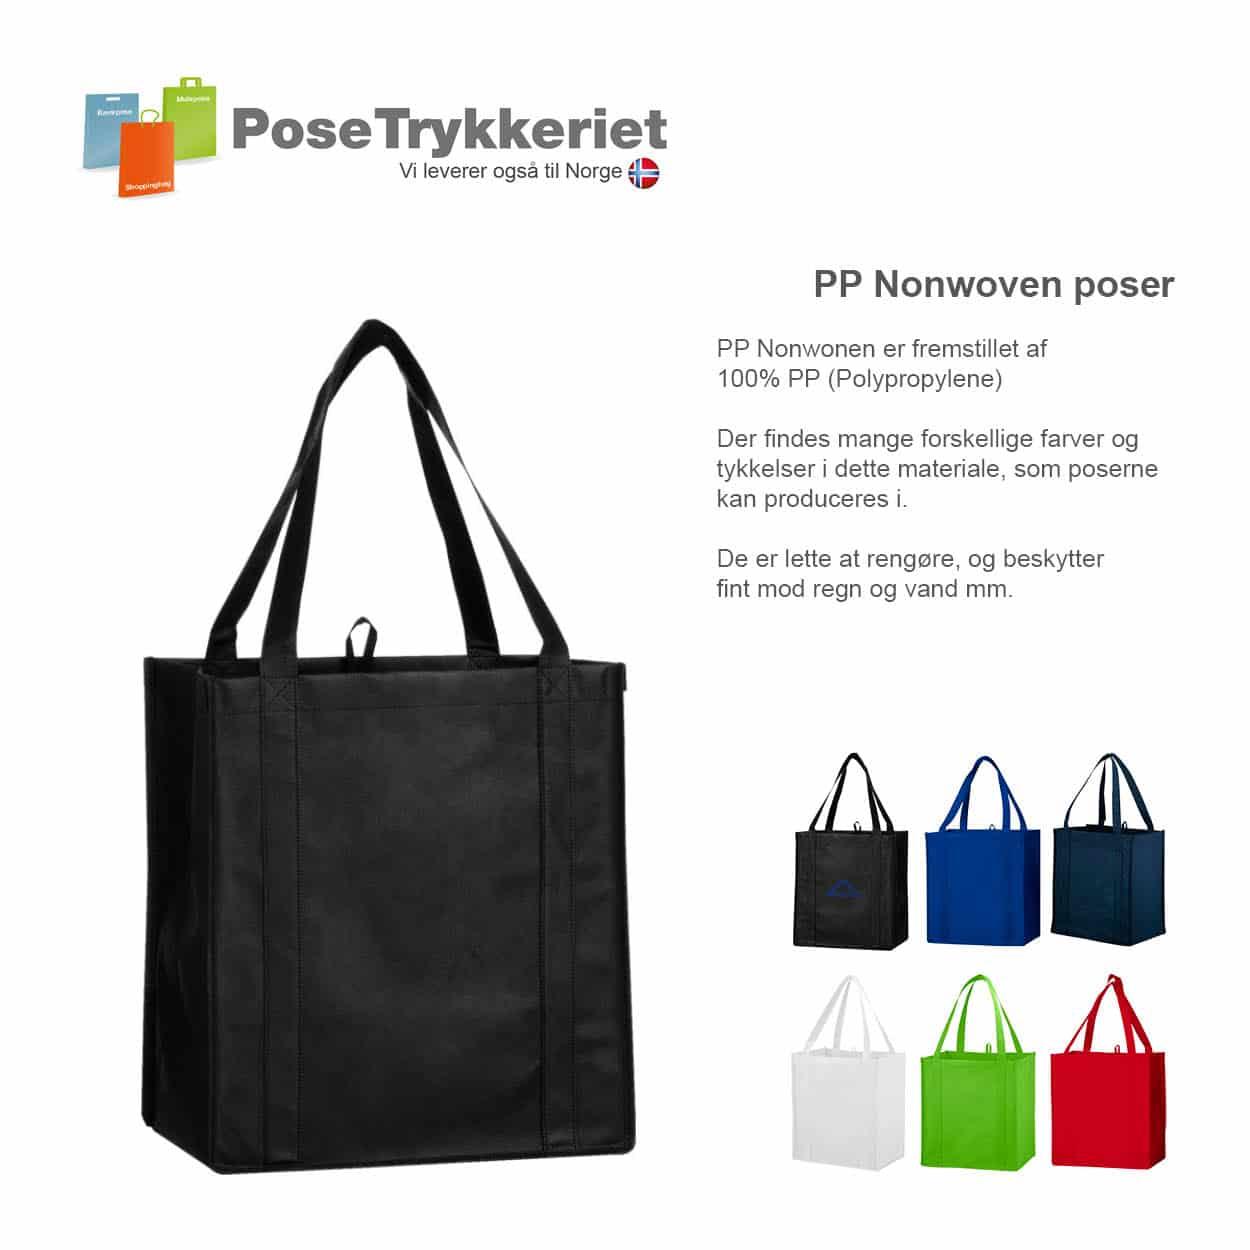 Nonwoven bæreposer med forstærkede stropper og bund. PoseTrykkeriet.dk